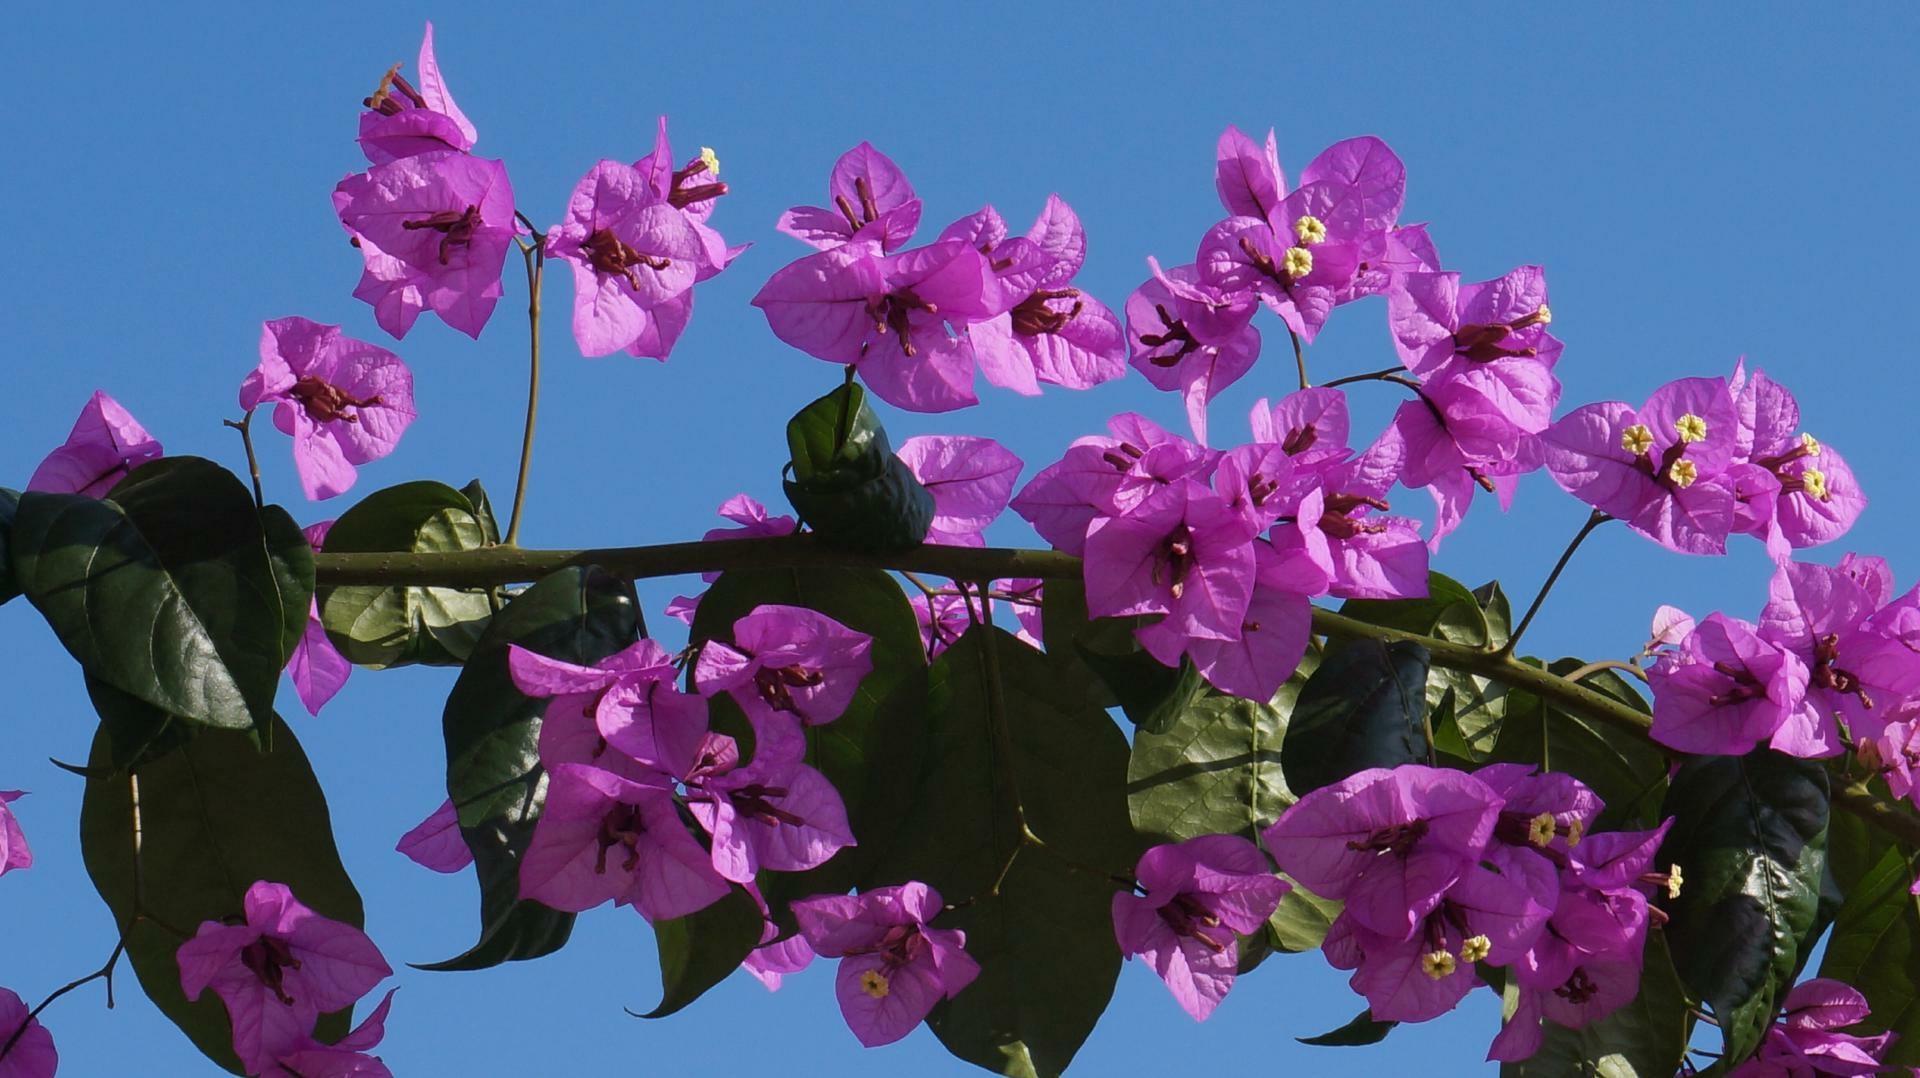 Bougainville Fleur concernant images gratuites : la nature, fleur, pétale, buisson, couleur